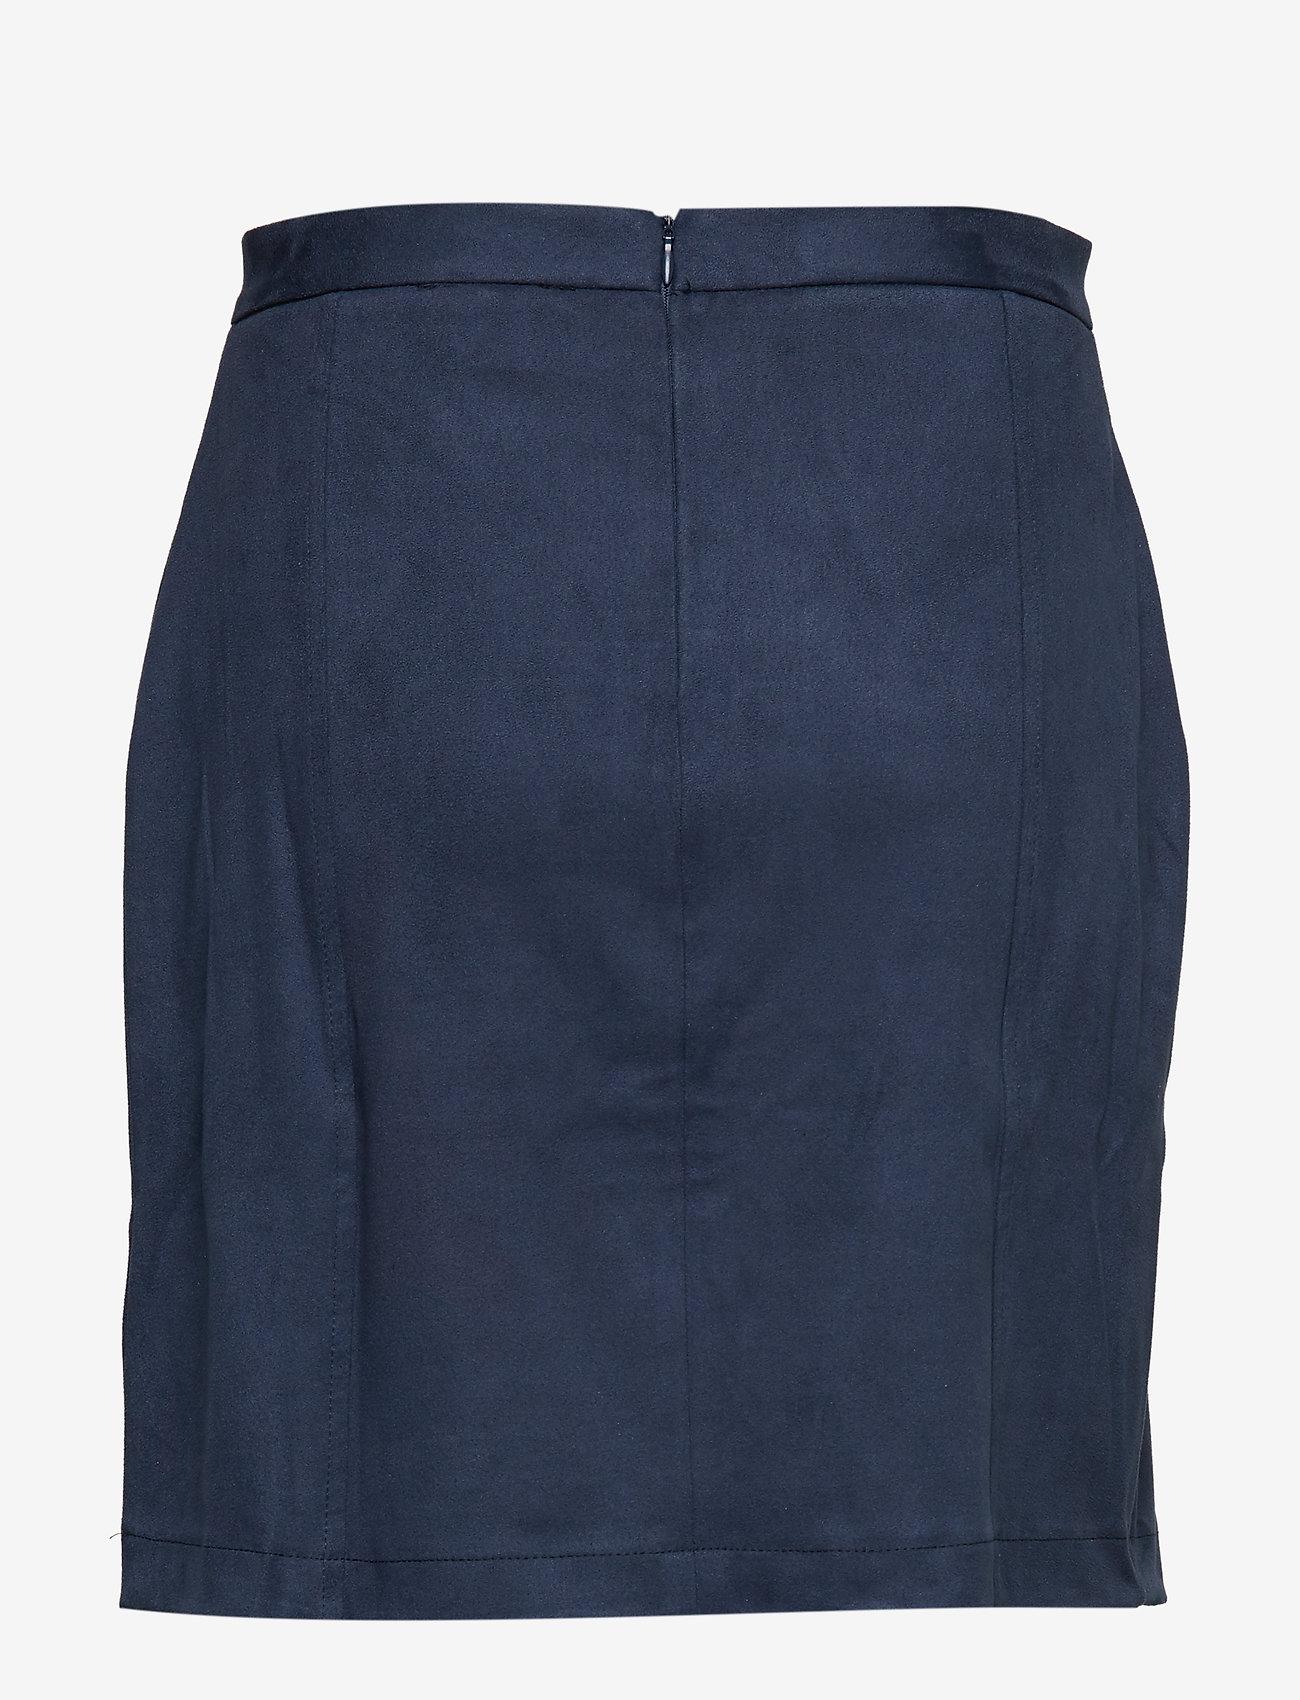 Esprit Casual Skirts knitted - Spódnice NAVY - Kobiety Odzież.